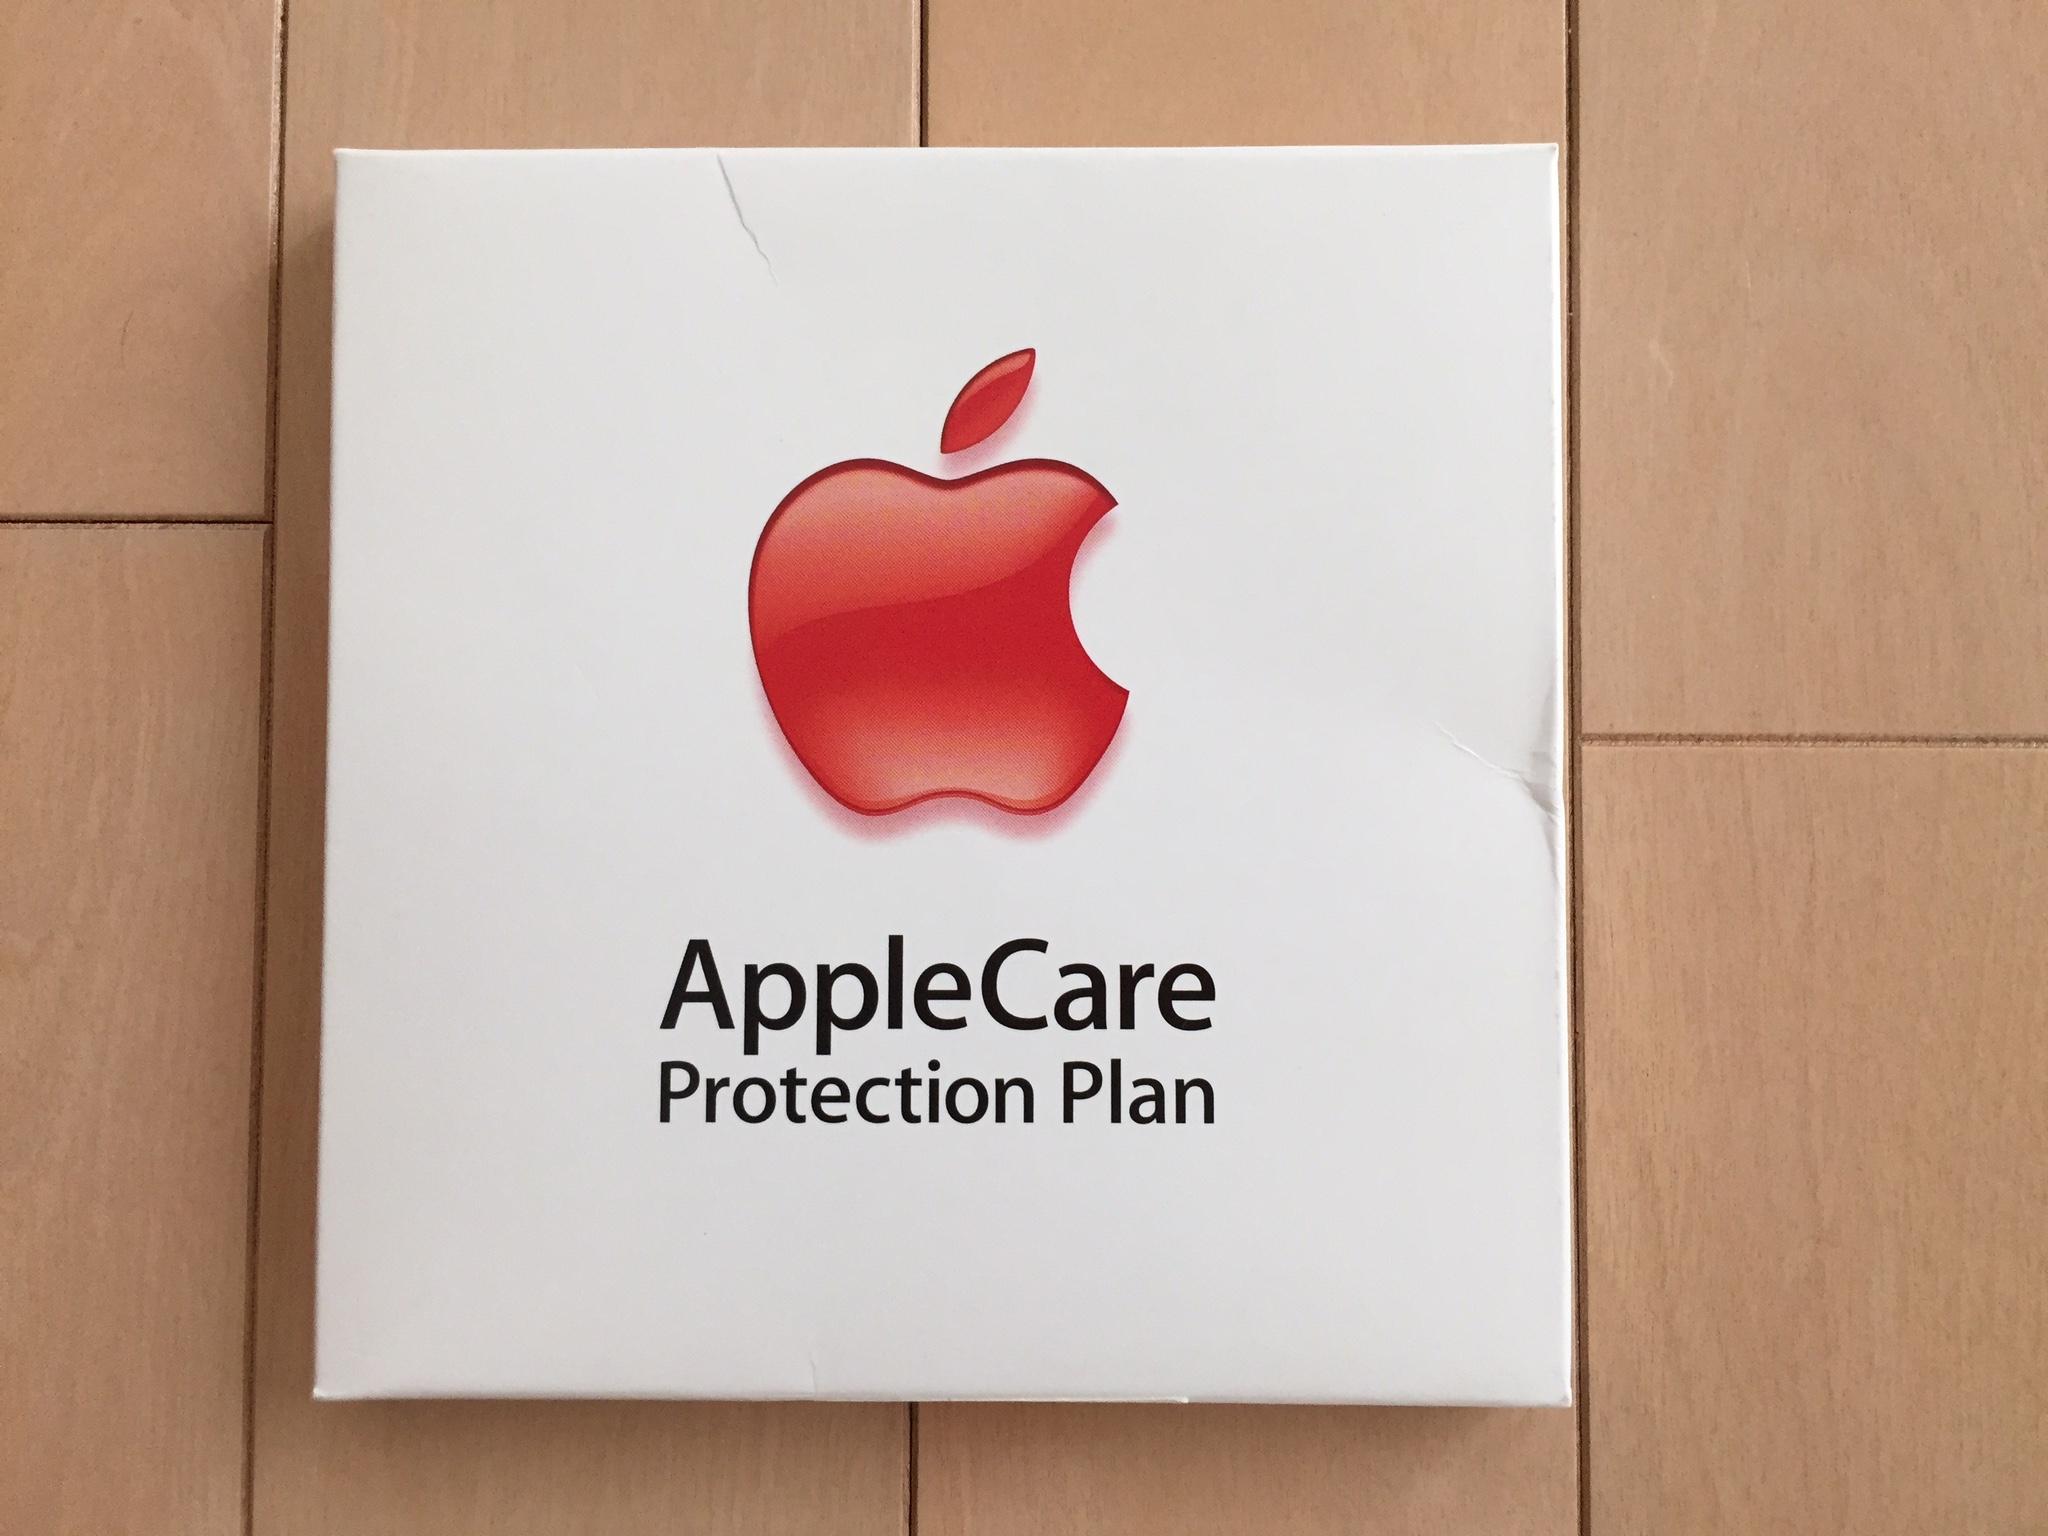 Macのアップルケアは必要?実際に使ってみた経験からのメリット・デメリット